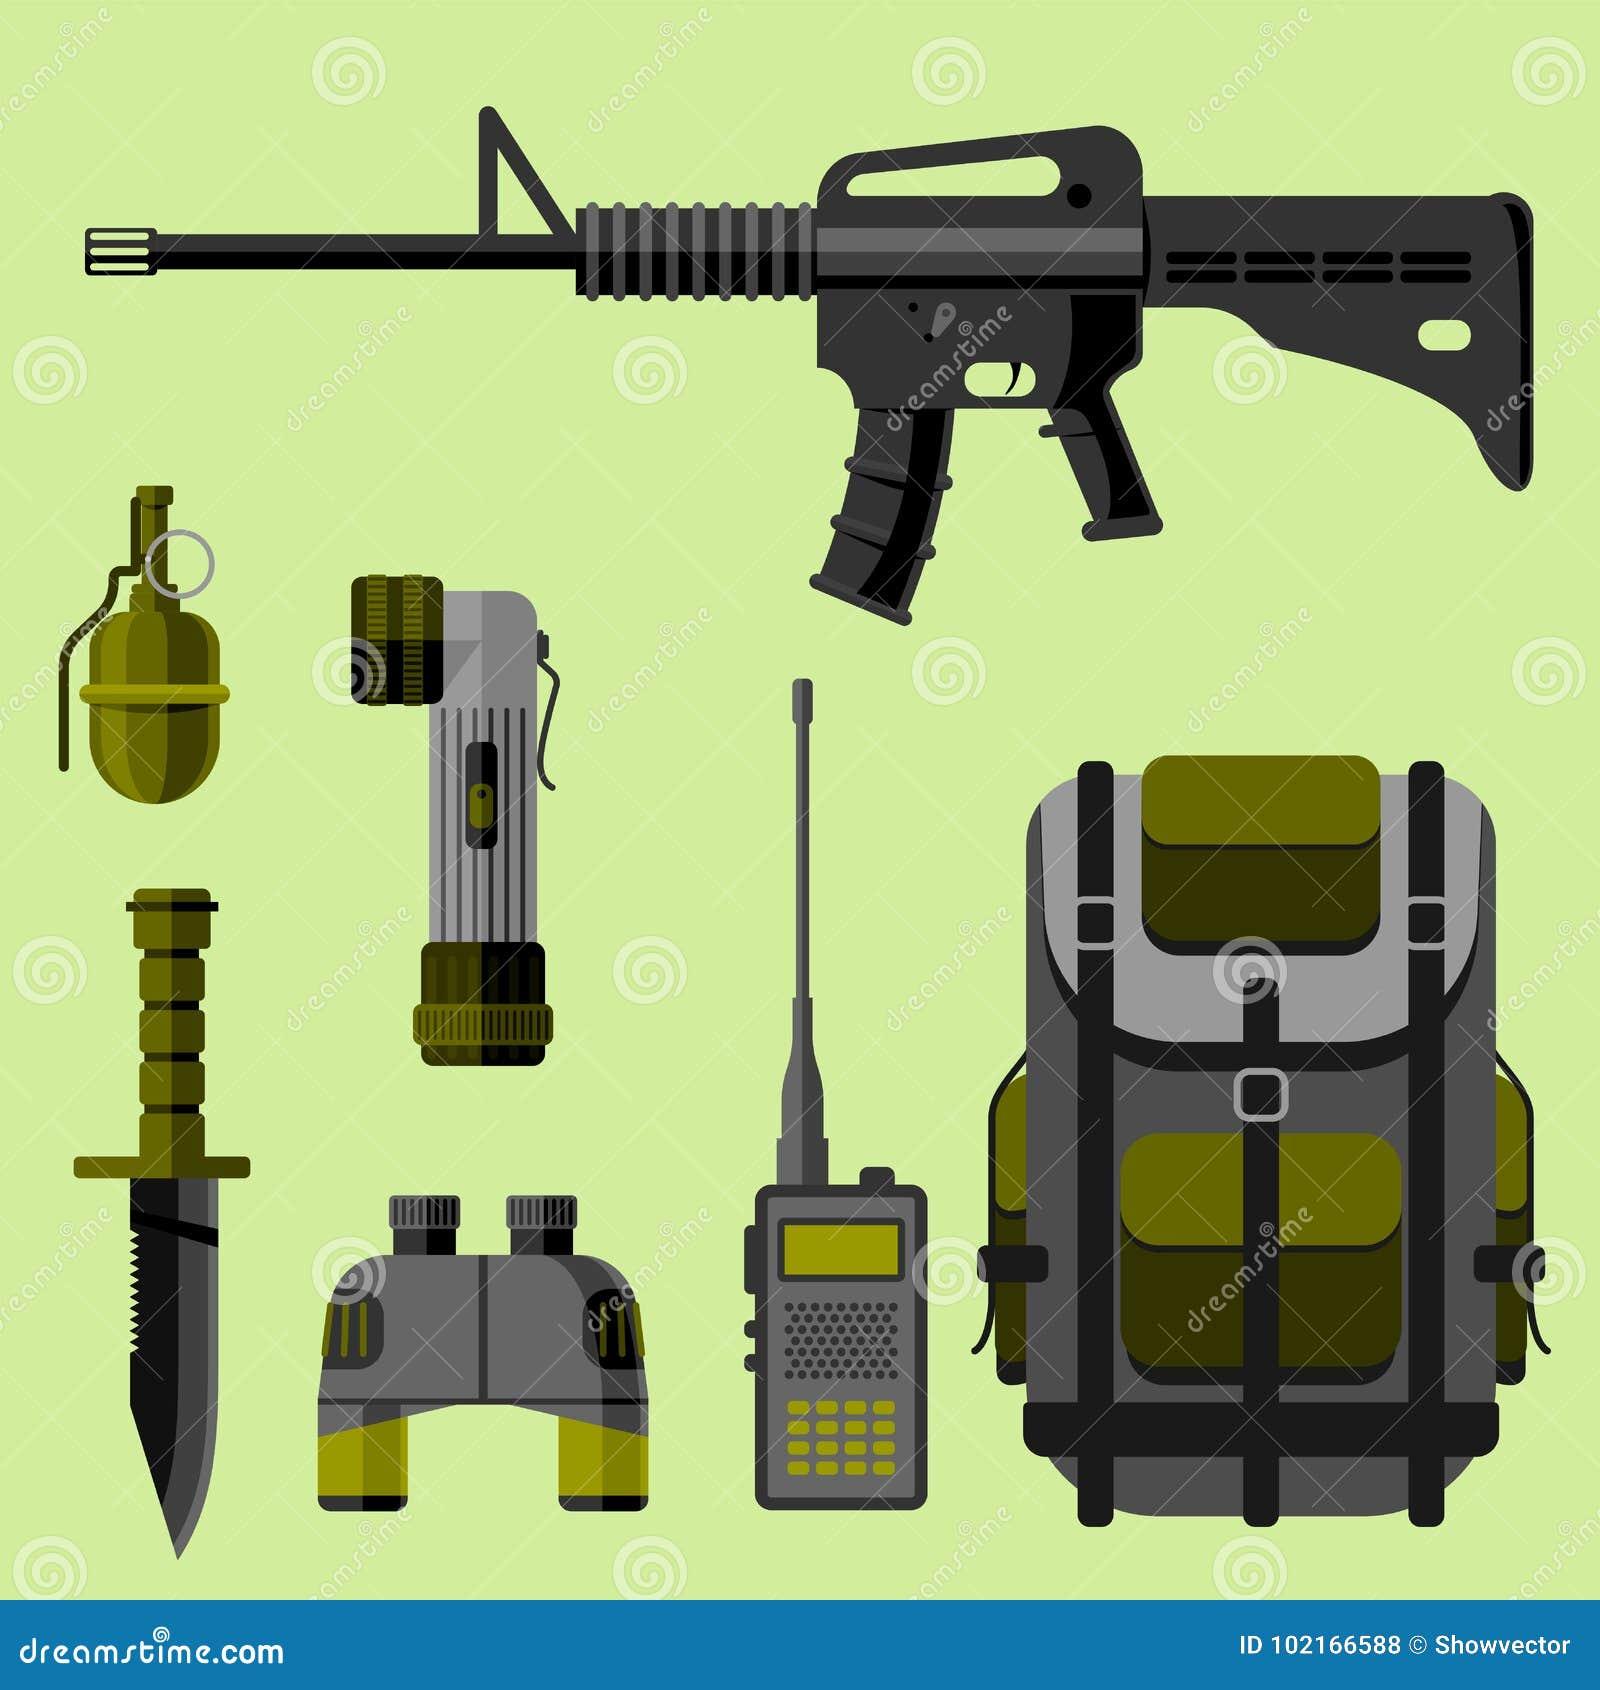 As forças militares da armadura das armas da arma projetam e ilustração americana do vetor da camuflagem da marinha da munição do